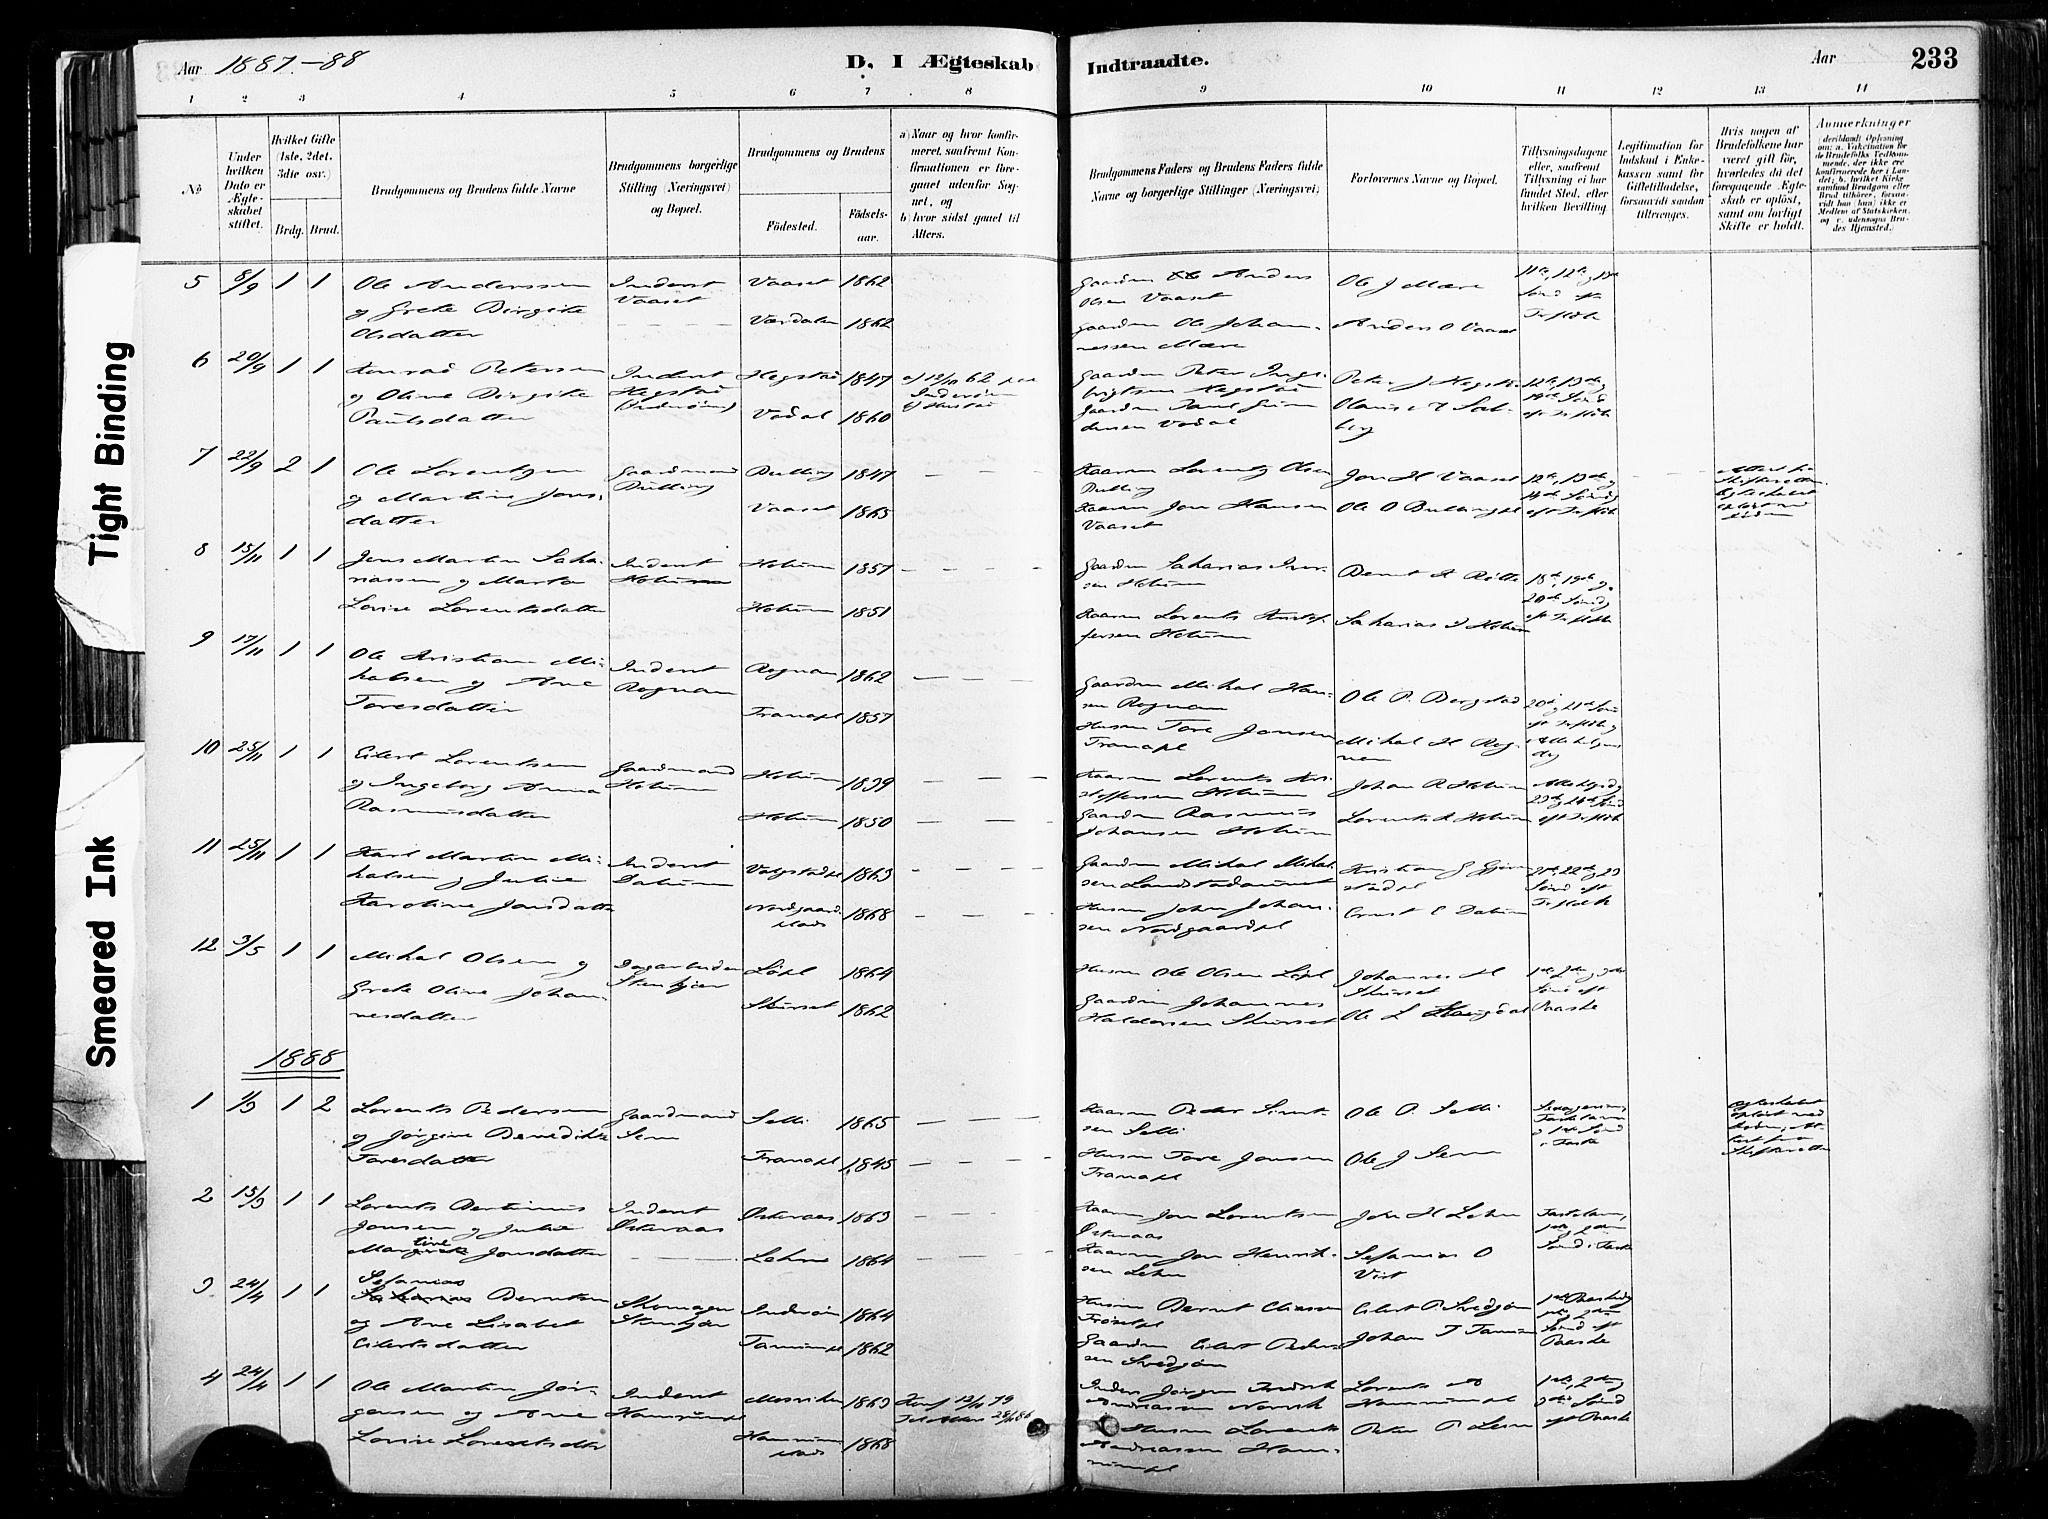 SAT, Ministerialprotokoller, klokkerbøker og fødselsregistre - Nord-Trøndelag, 735/L0351: Ministerialbok nr. 735A10, 1884-1908, s. 233